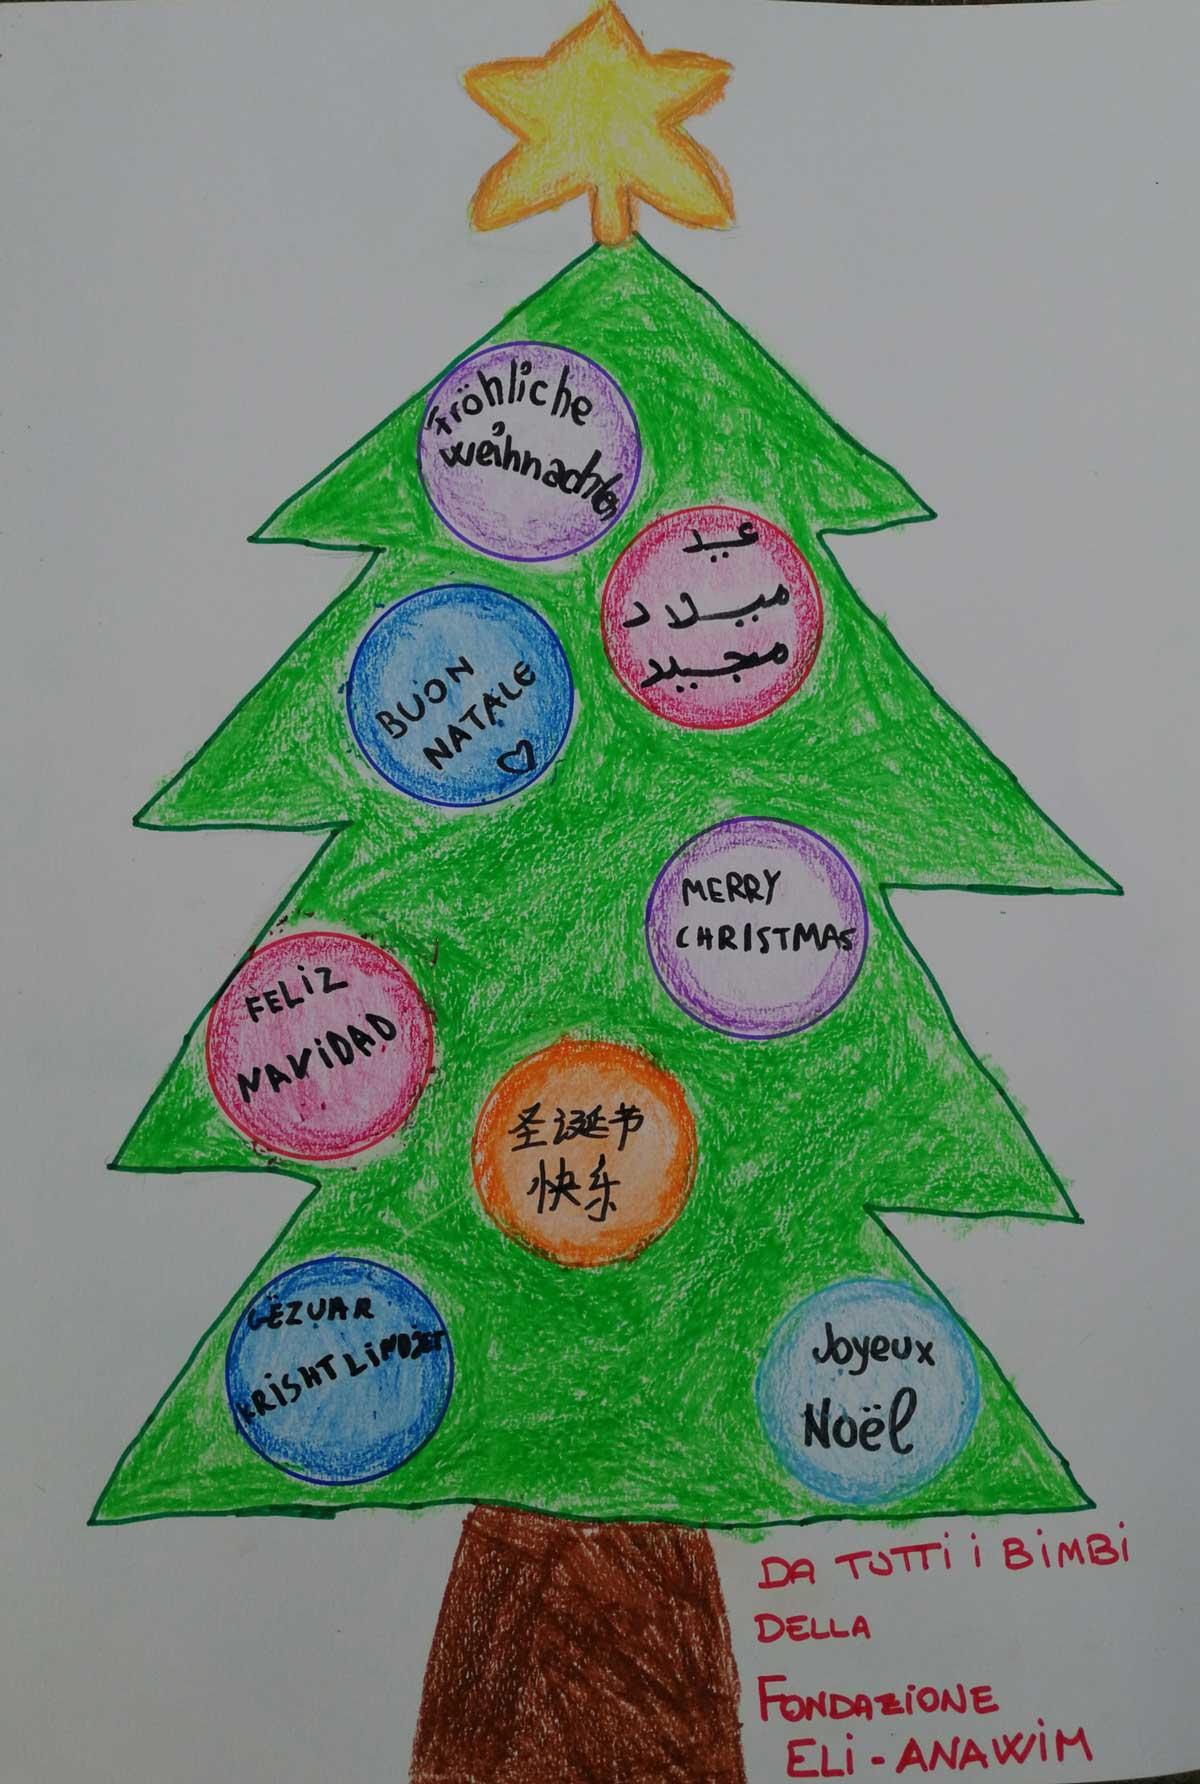 117.-Buon-Natale-in-tutte-le-lingue_I-bimbi-della-Fondazione-ELI-ANAWIM